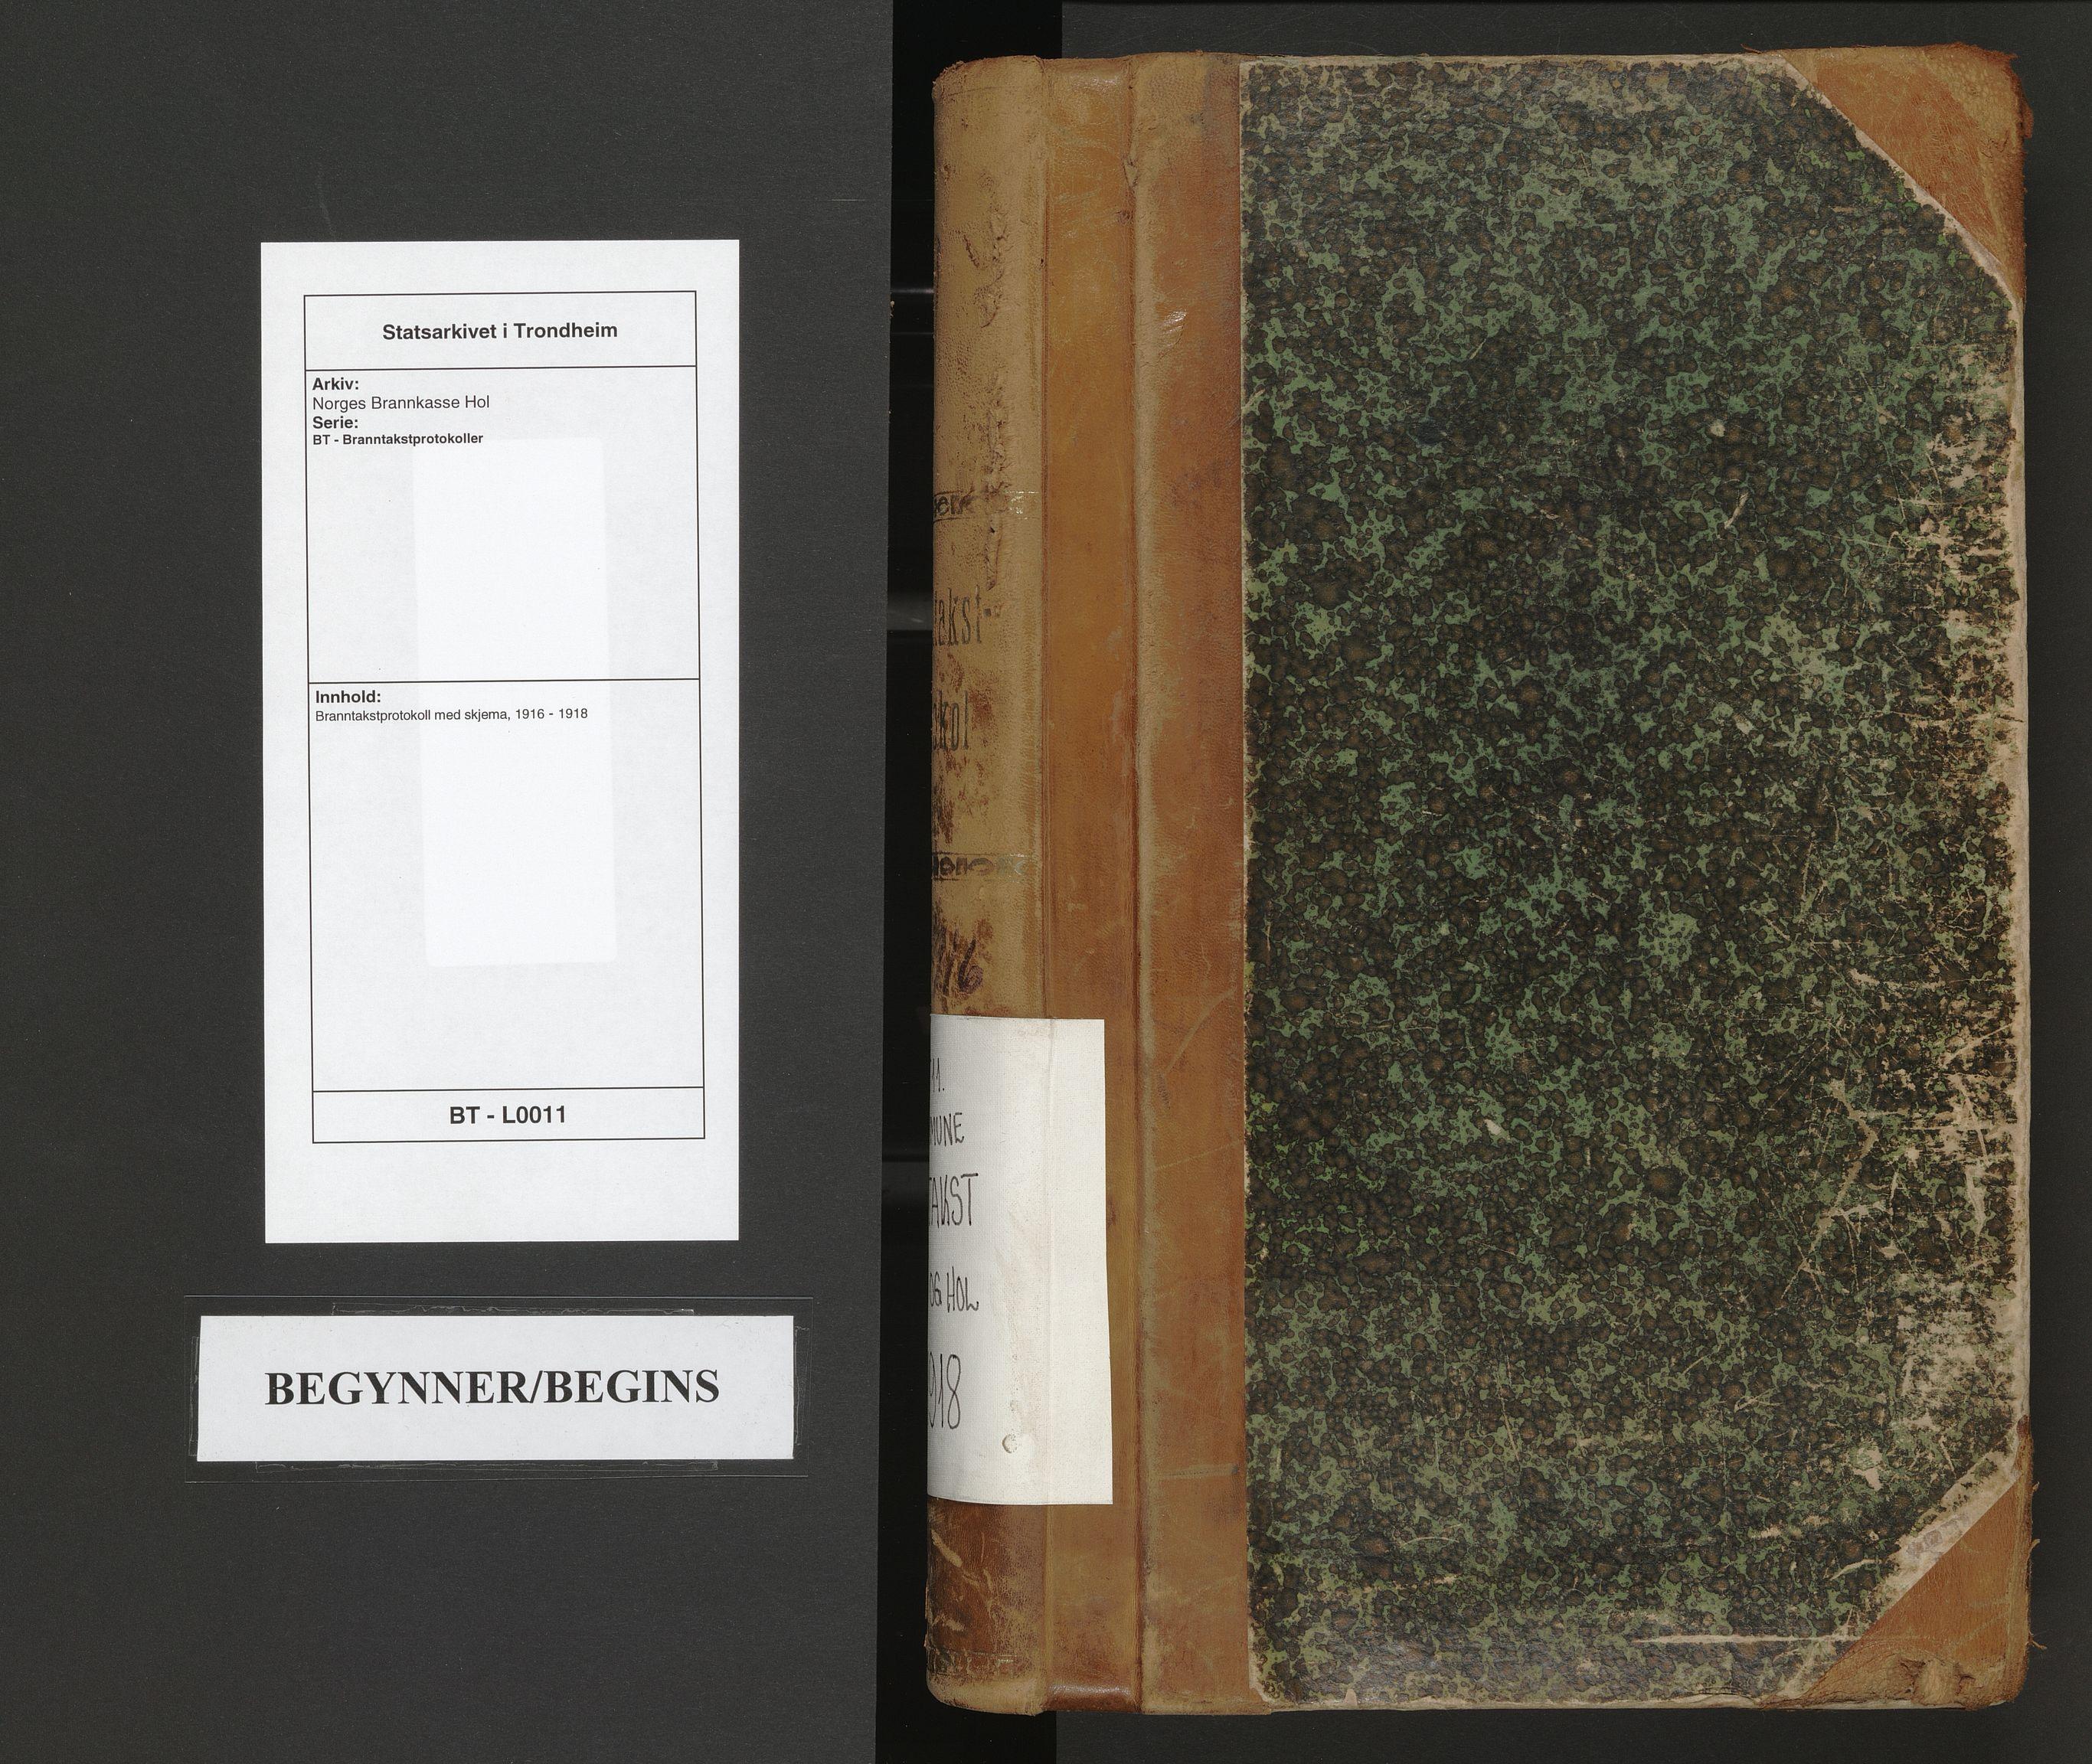 SAT, Norges Brannkasse Hol, BT/L0011: Branntakstprotokoll med skjema, 1916-1918